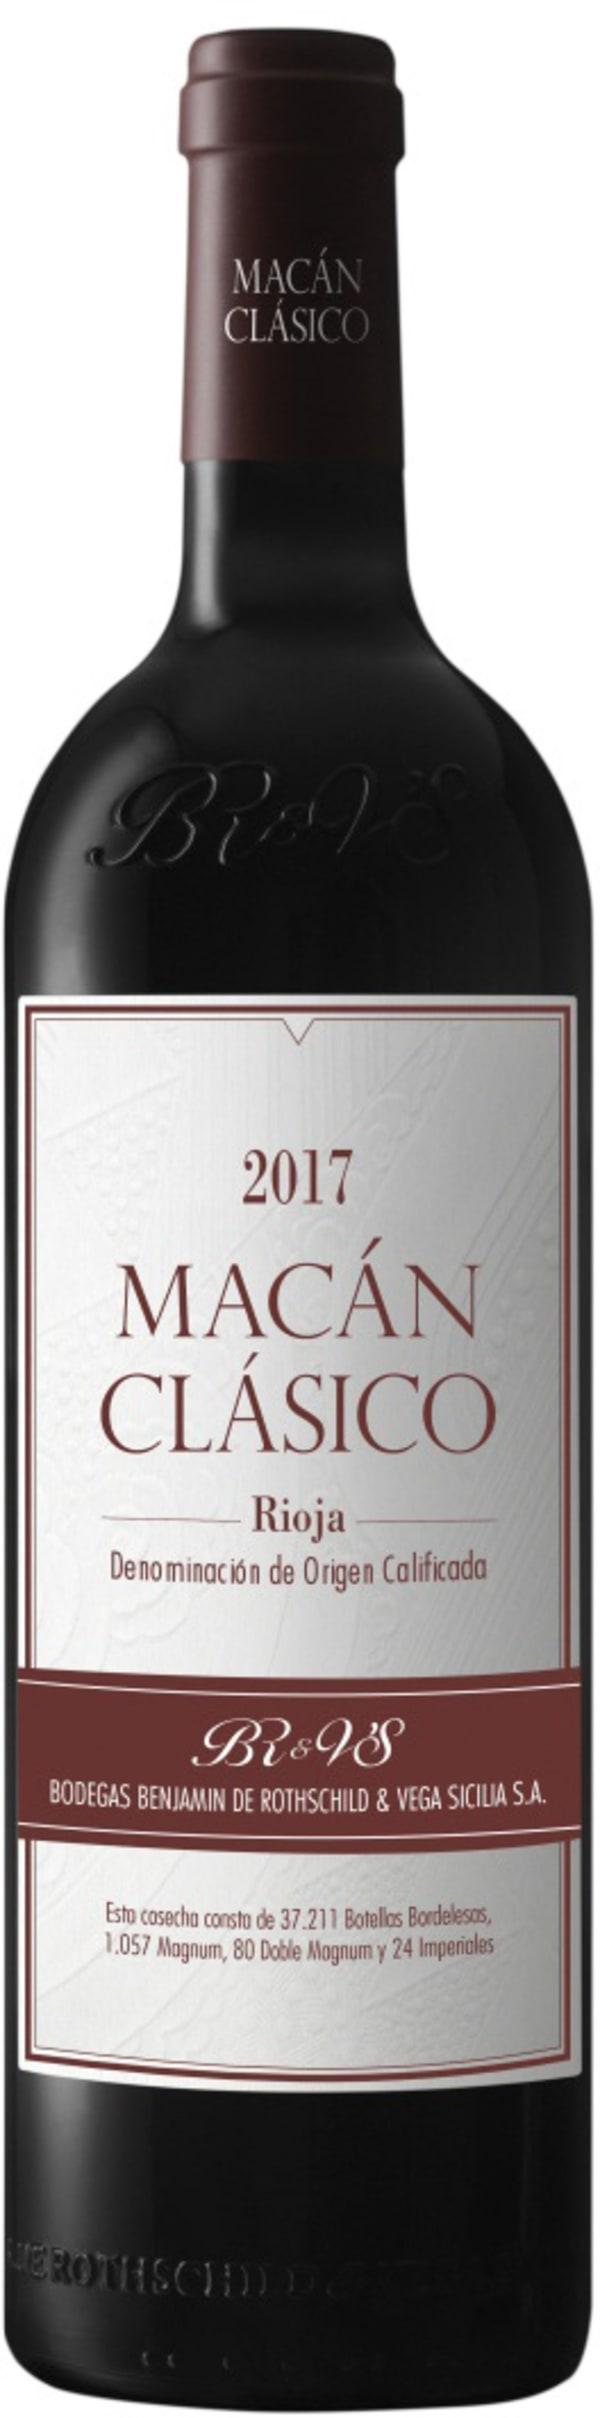 Macán Clásico 2017